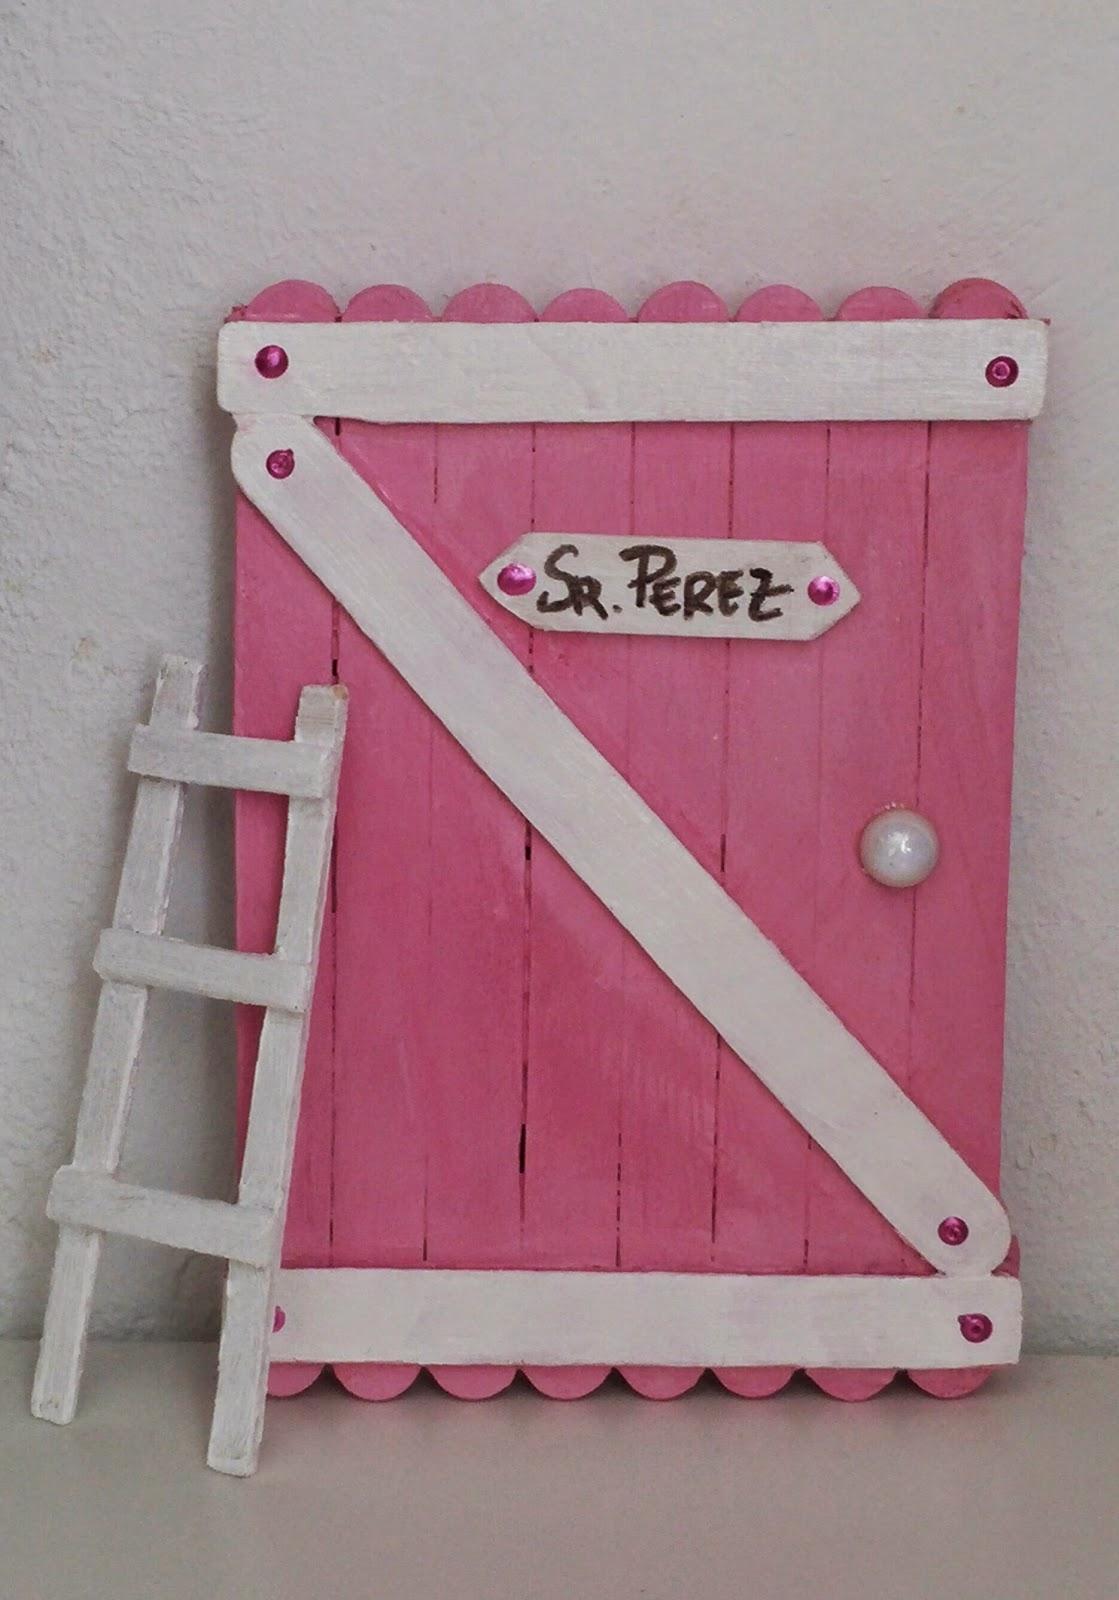 Las puertas del ratoncito p rez de la lola dreams la for Puerta raton perez